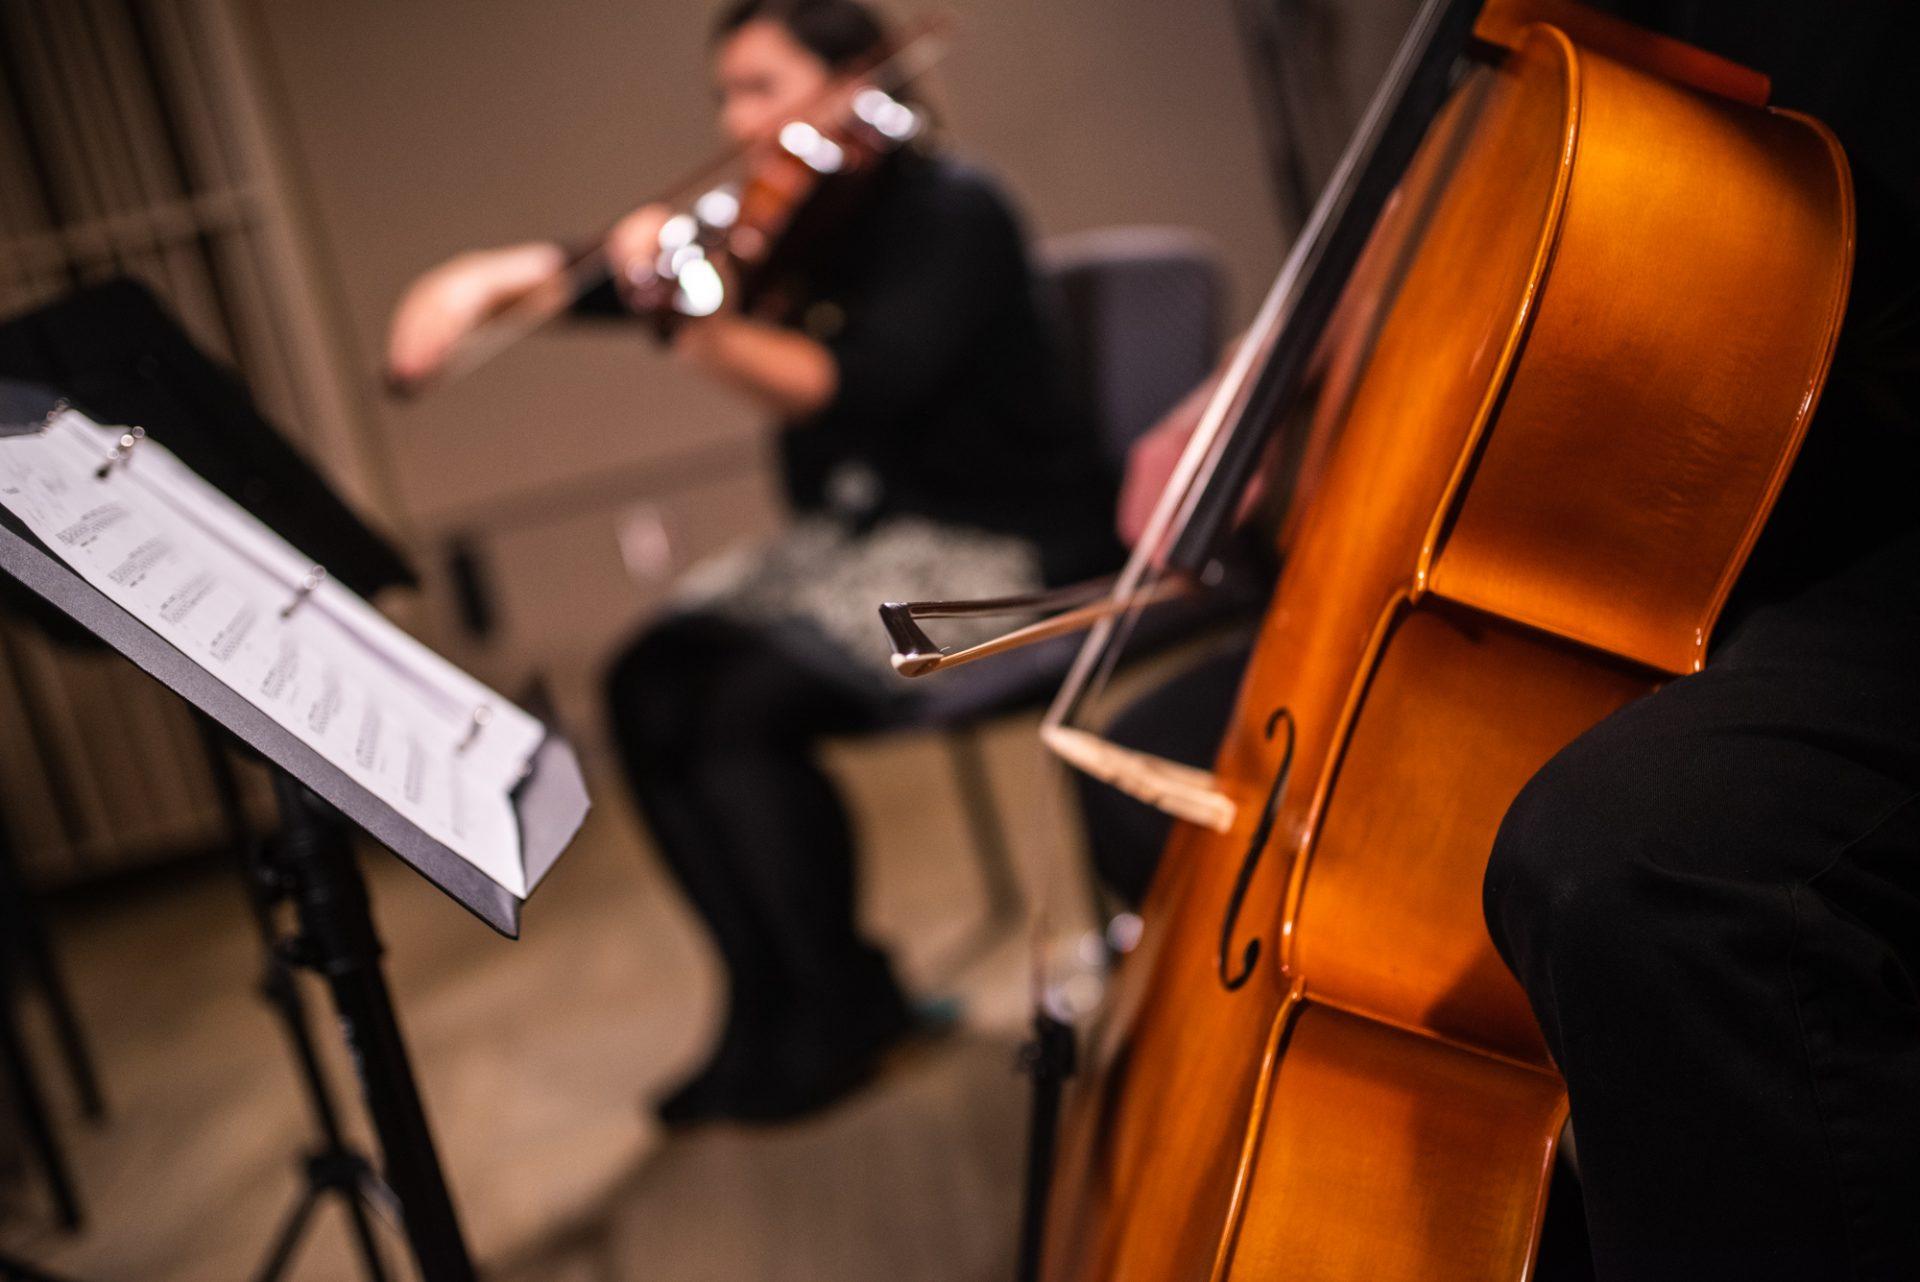 Close-up of a cello